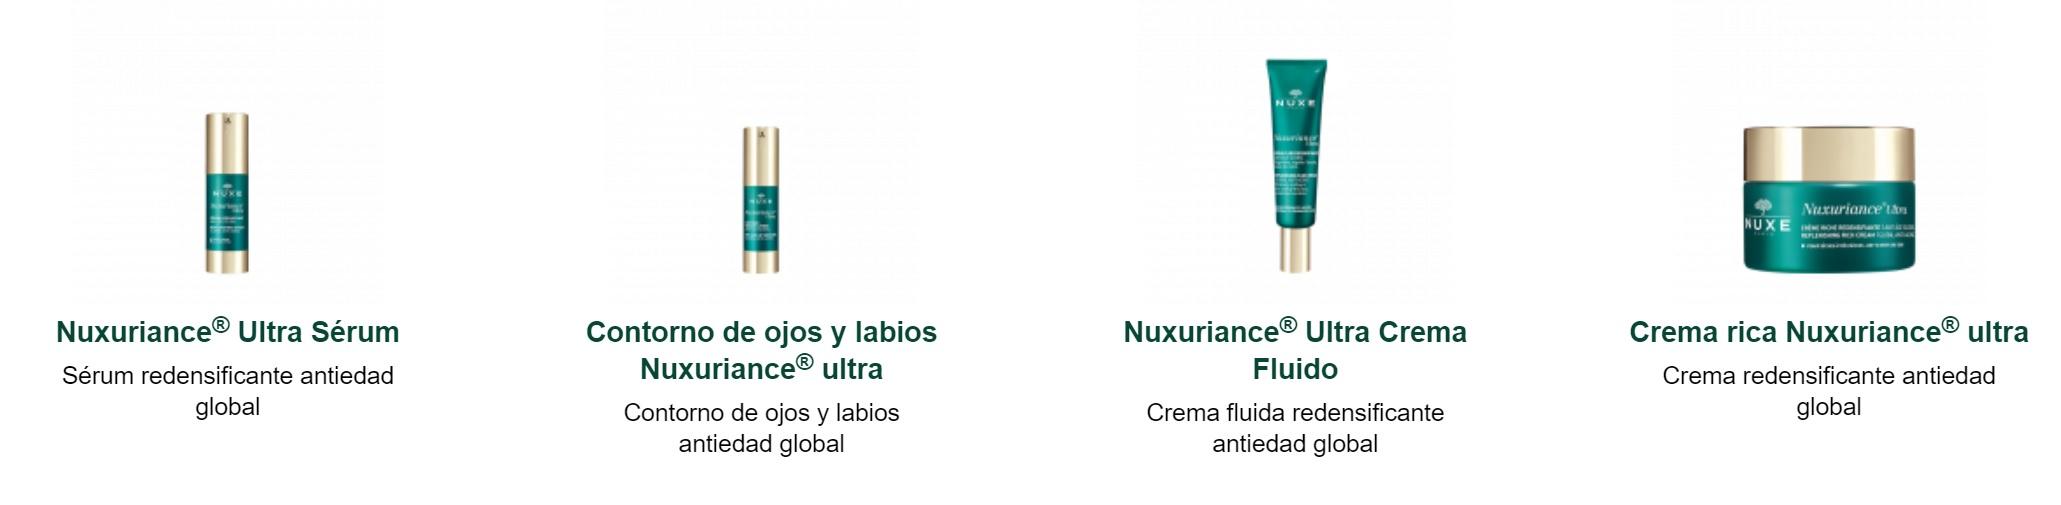 Nuxe Nuxuriance gama de productos en farma2go